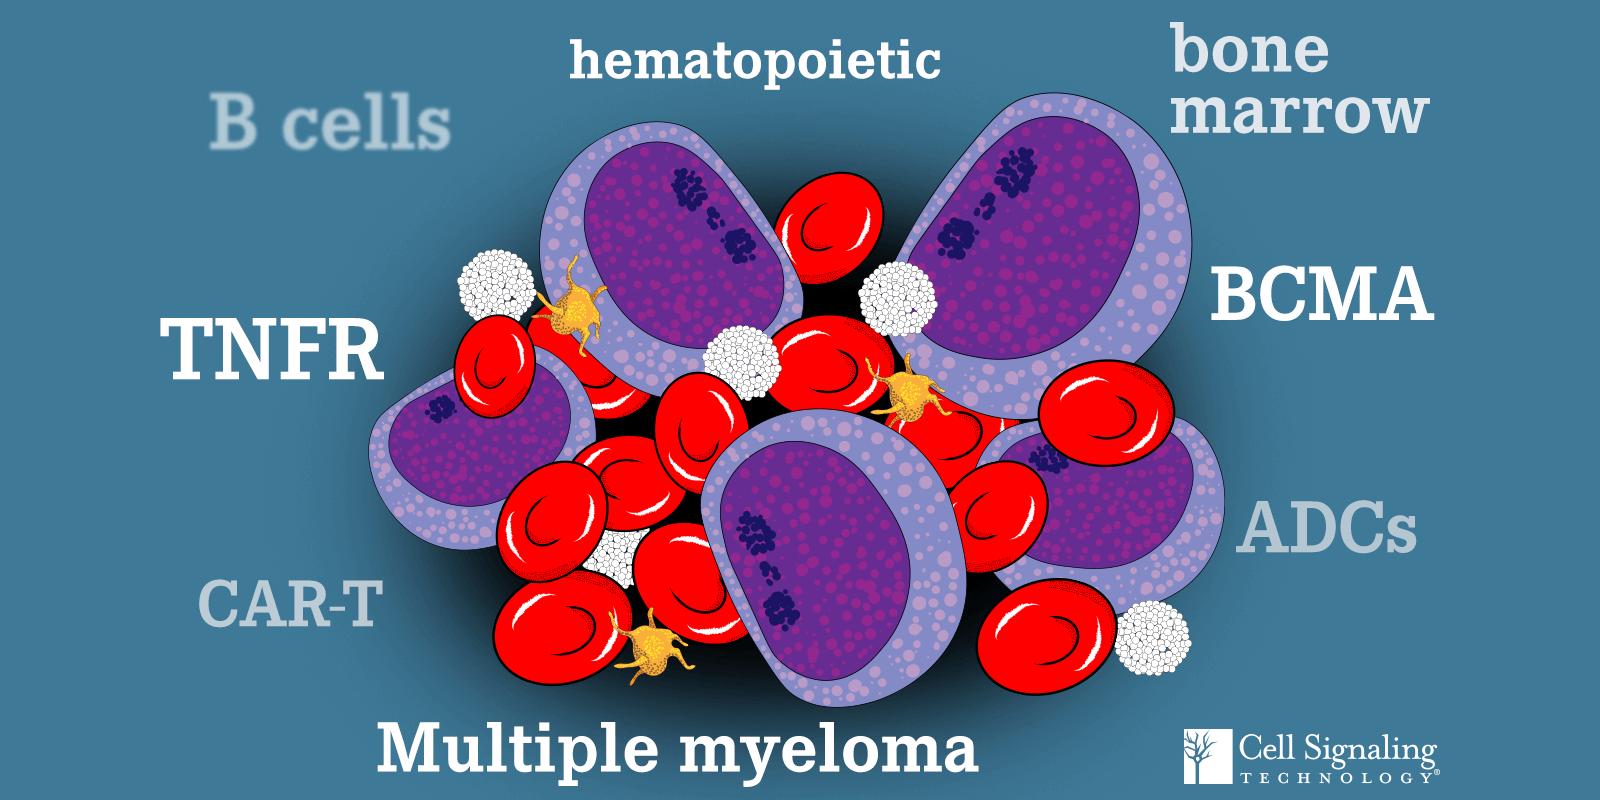 B Cells, TNFR, CAR-T, hematopoietic, bone marrow, BCMA, ADCs, Multiple myeloma